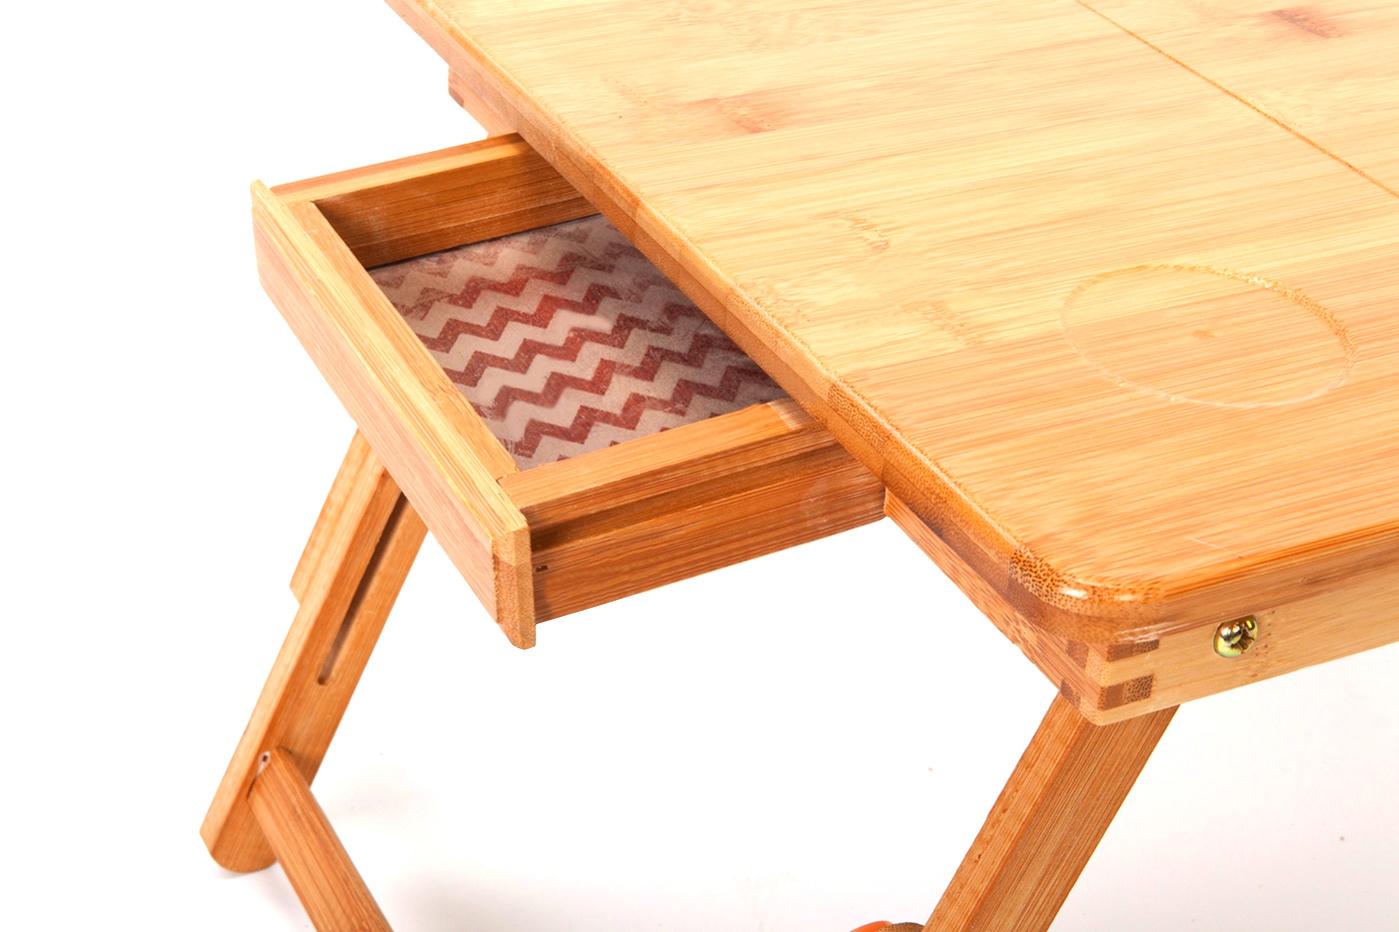 Постельный столик для ноутбука